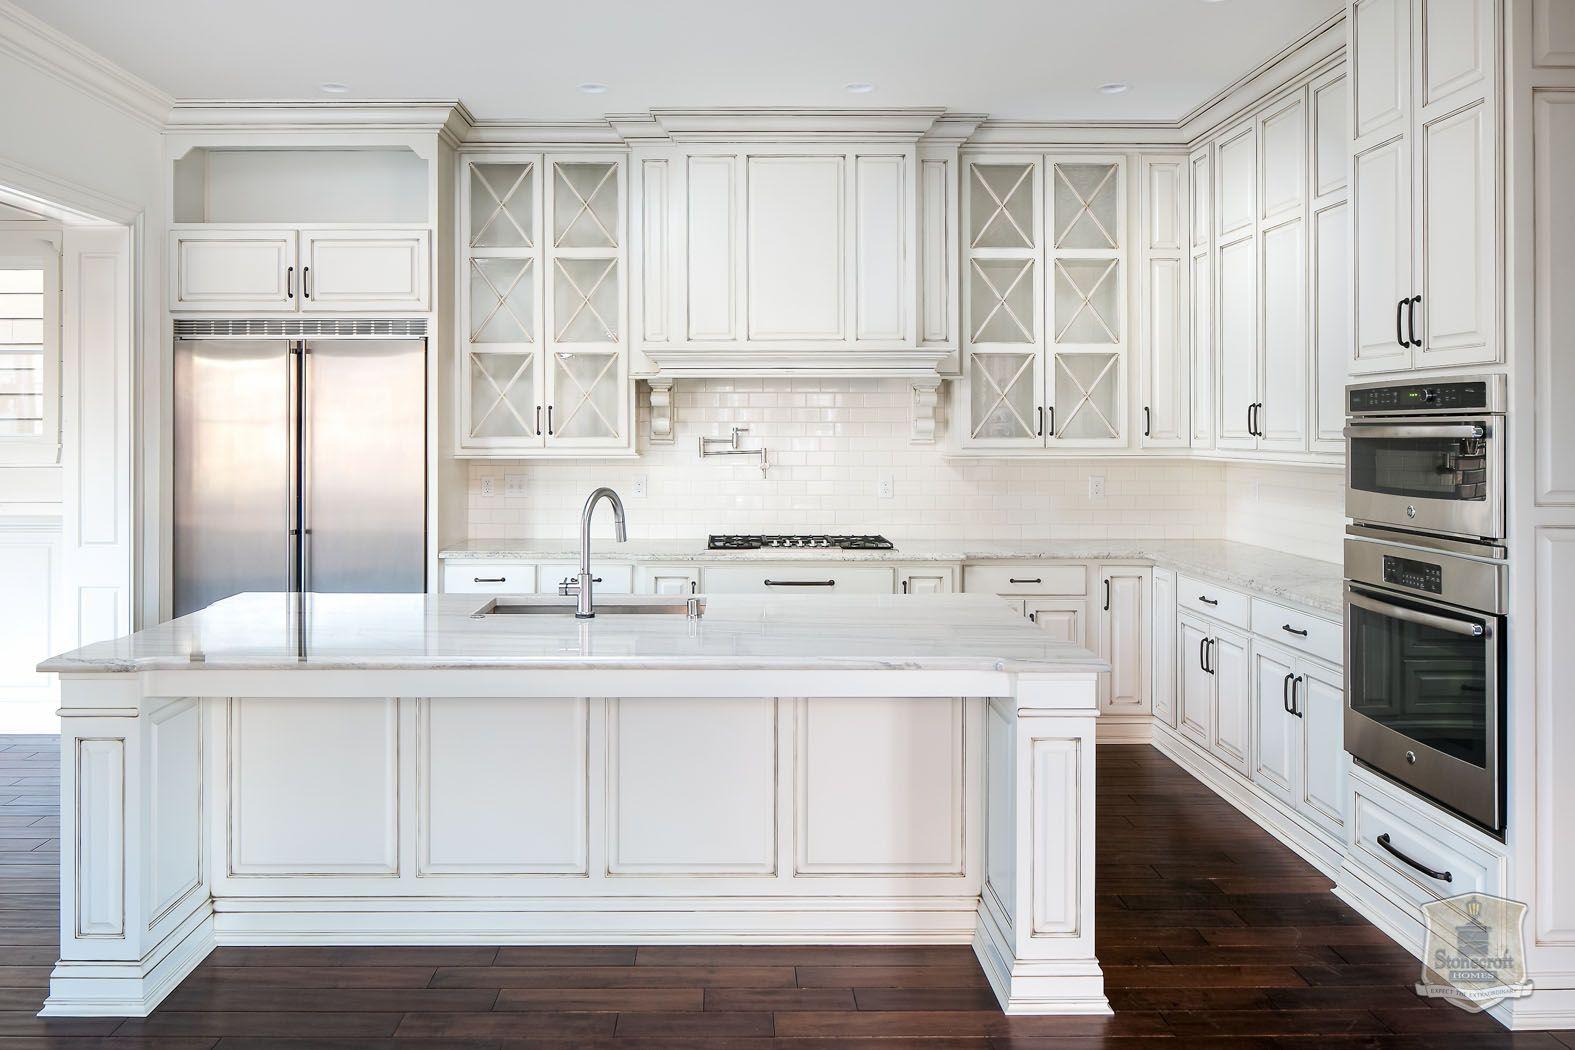 Stonecroft Homes Lot 695 Louisville Custom Builder Glazed Kitchen Cabinets Kitchen Layout New Kitchen Cabinets